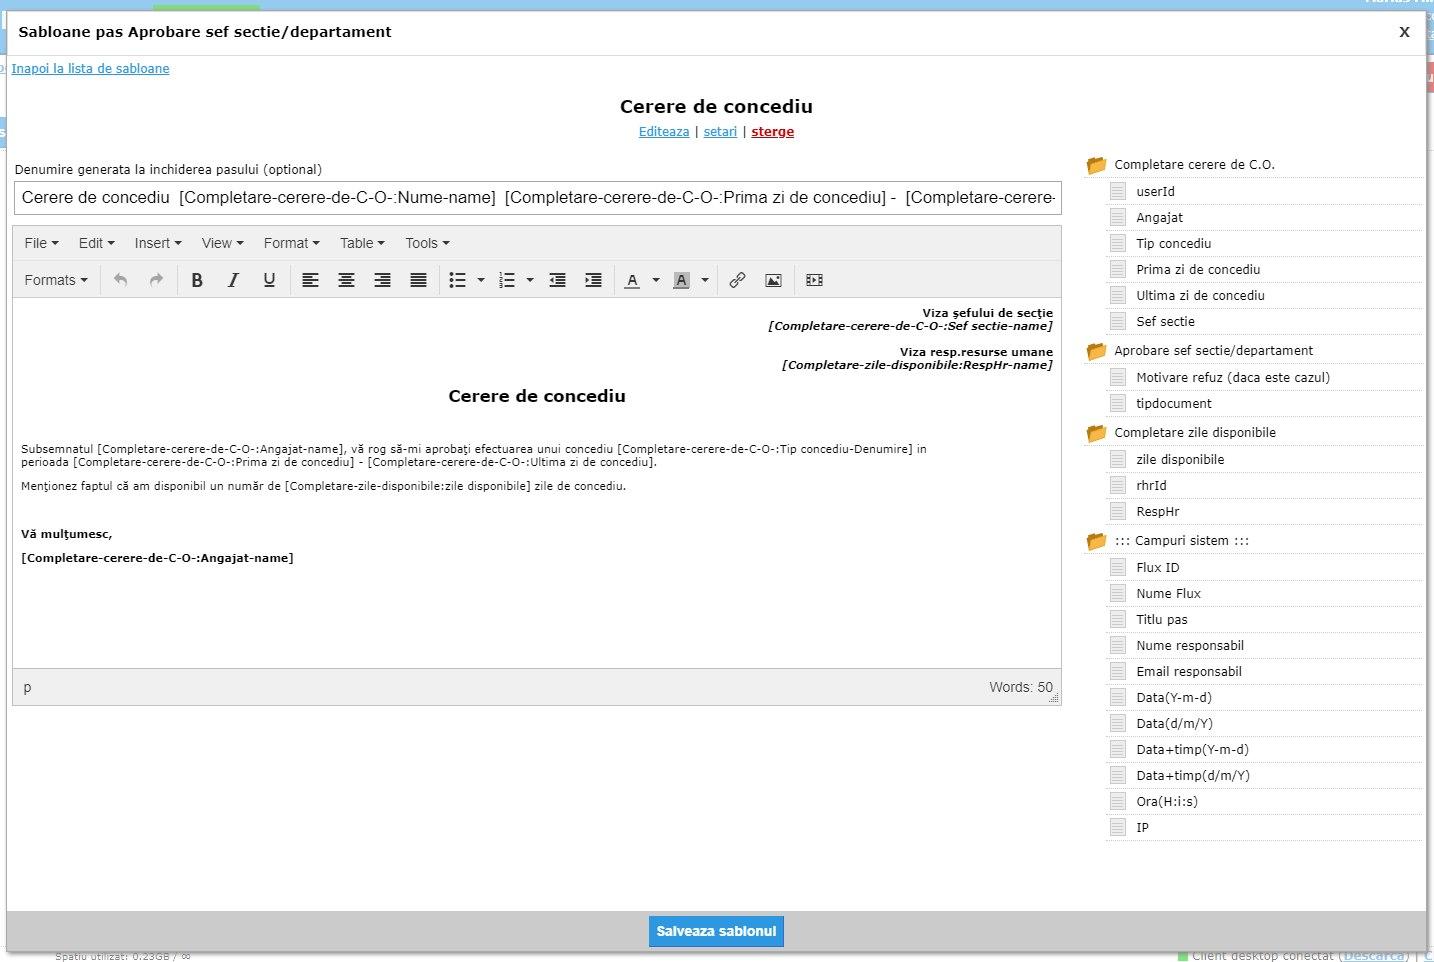 Administrare sablon de document